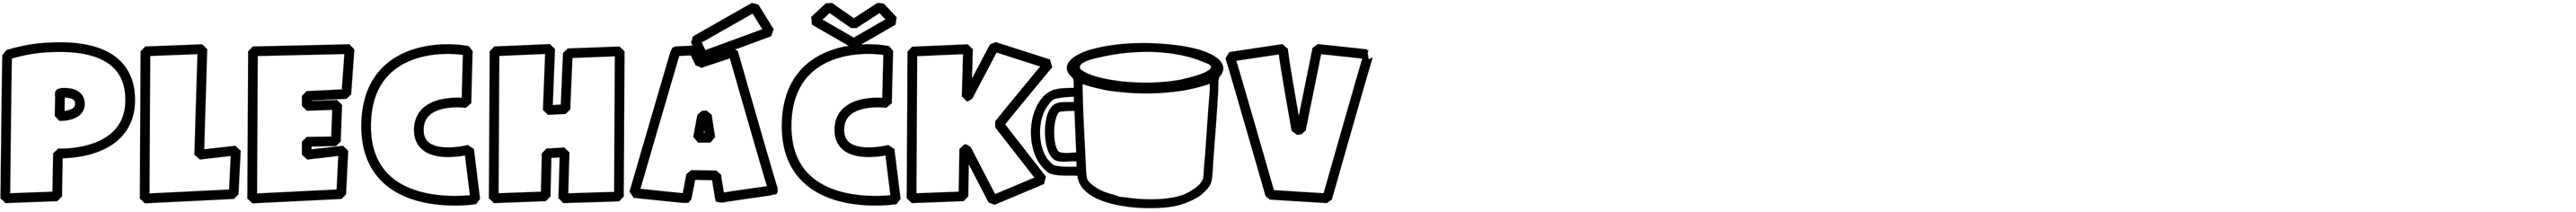 Plecháčkov